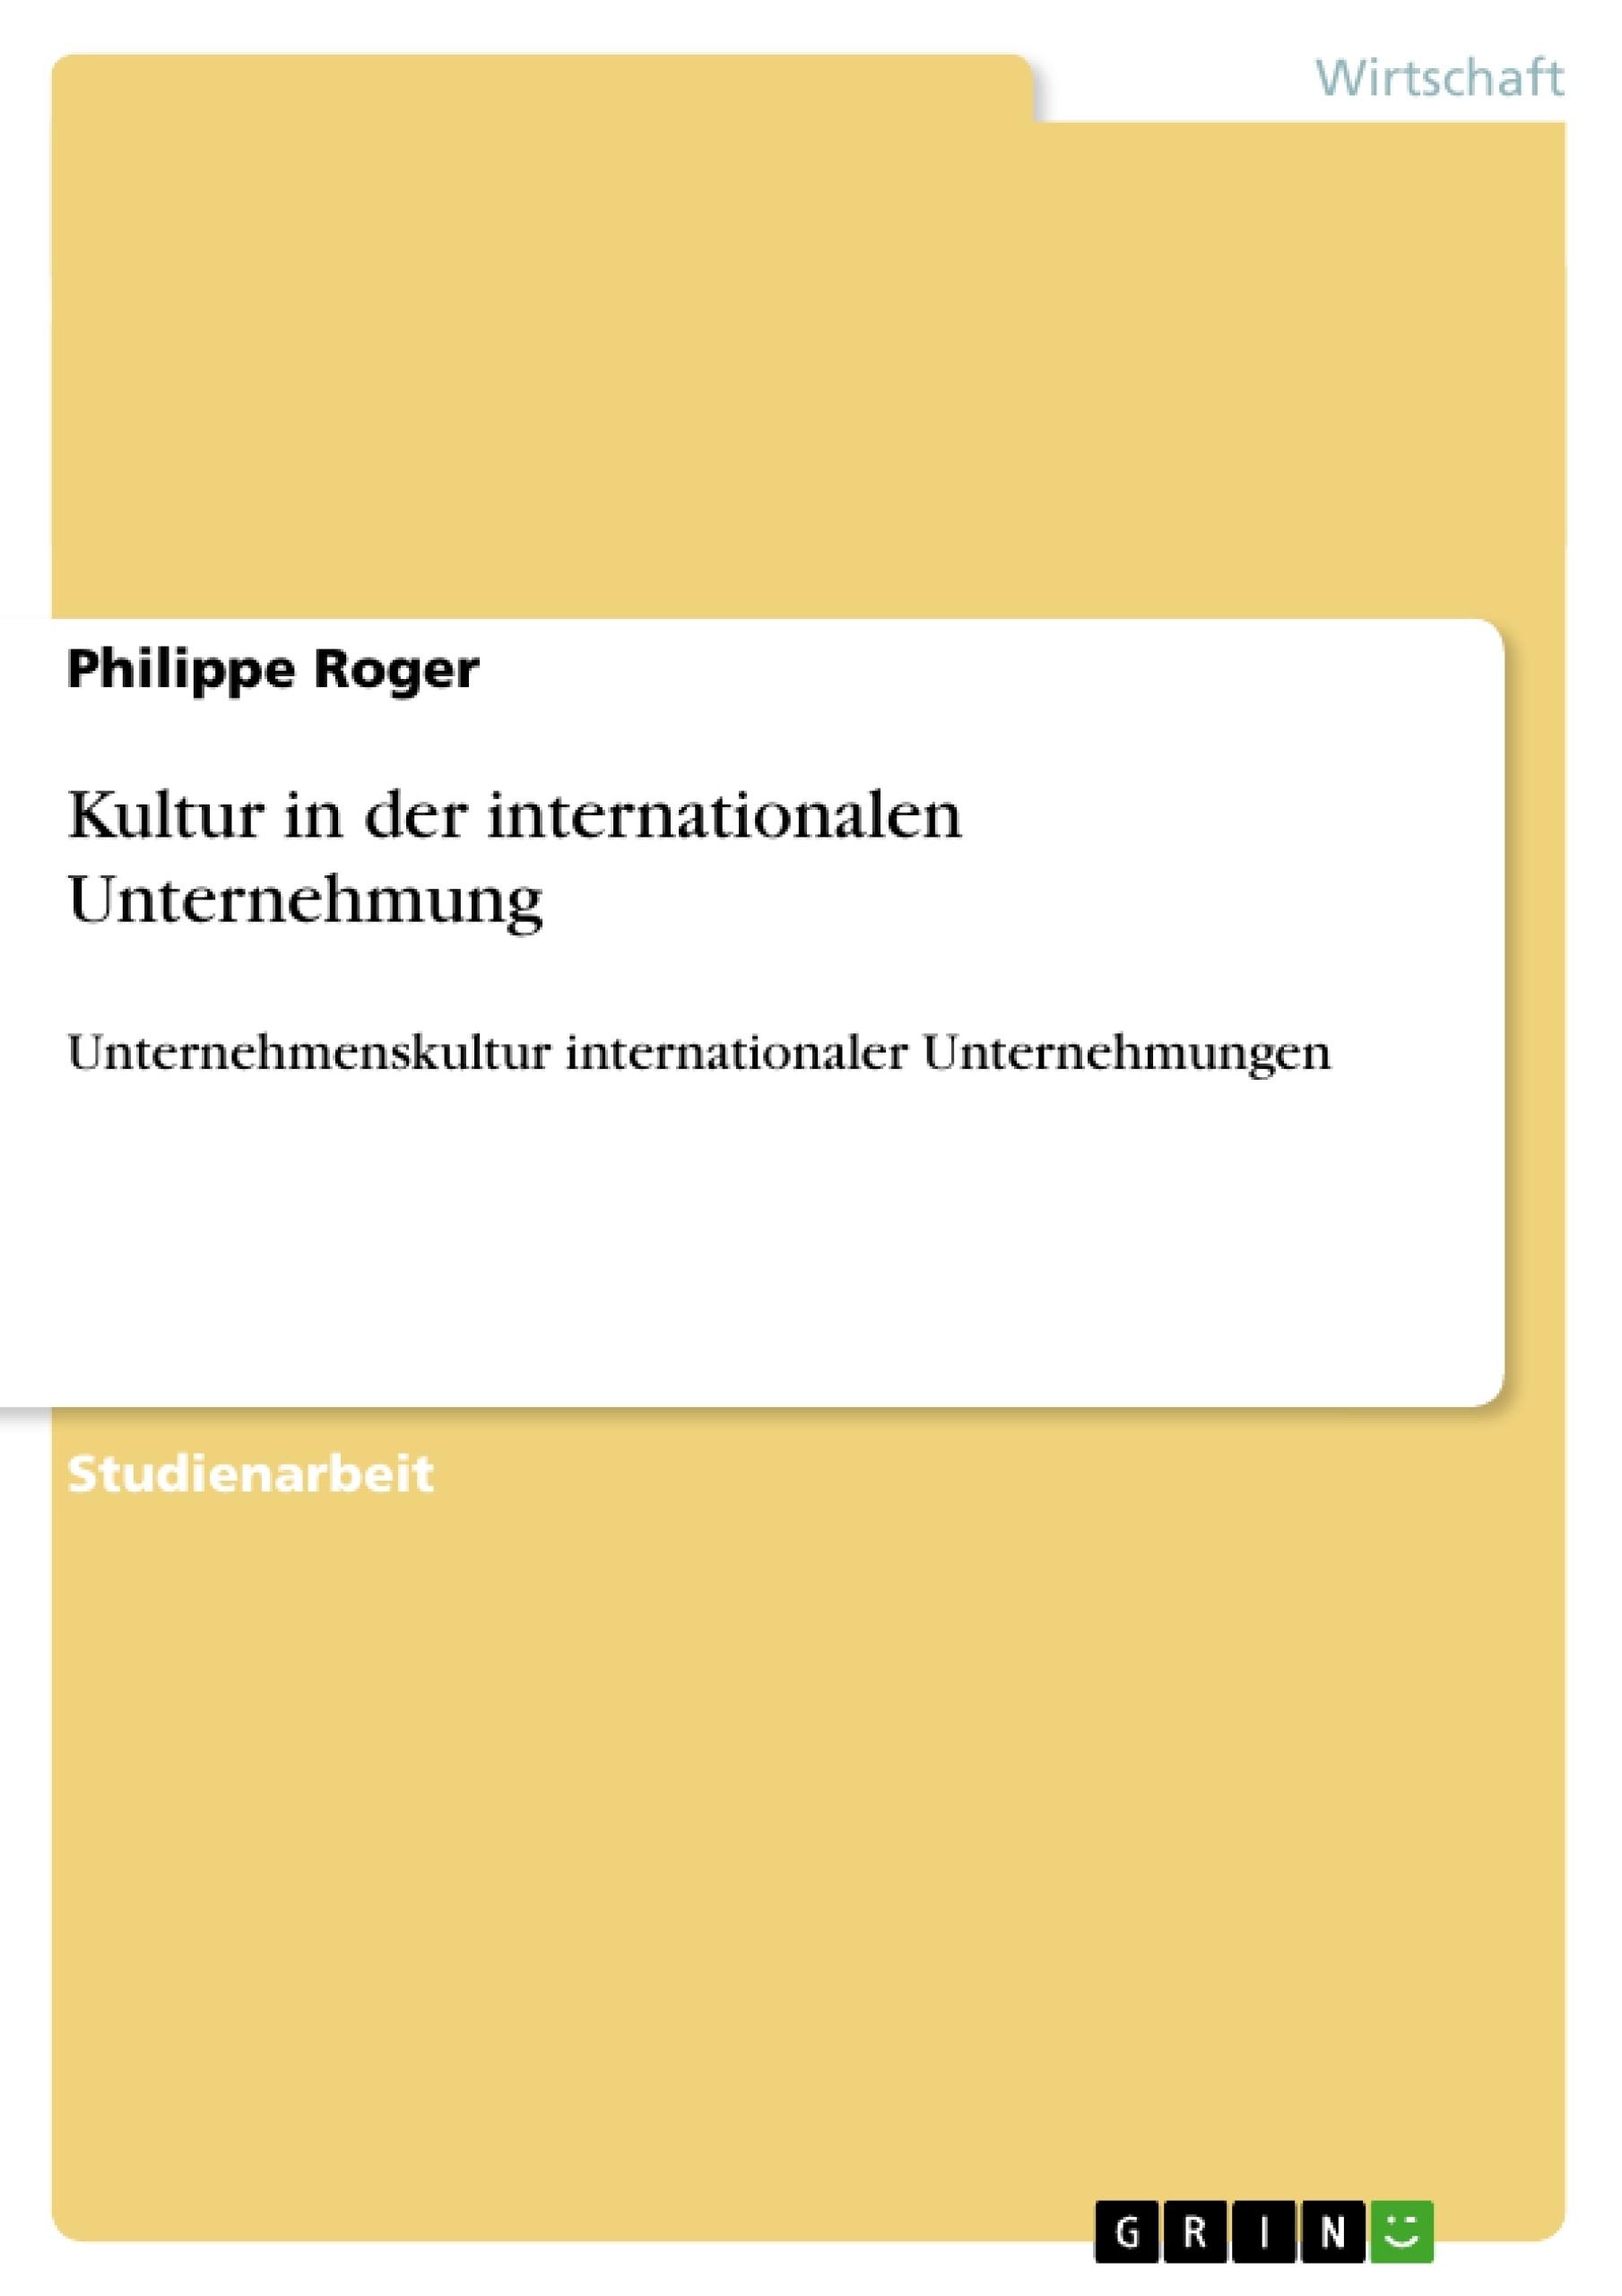 Titel: Kultur in der internationalen Unternehmung